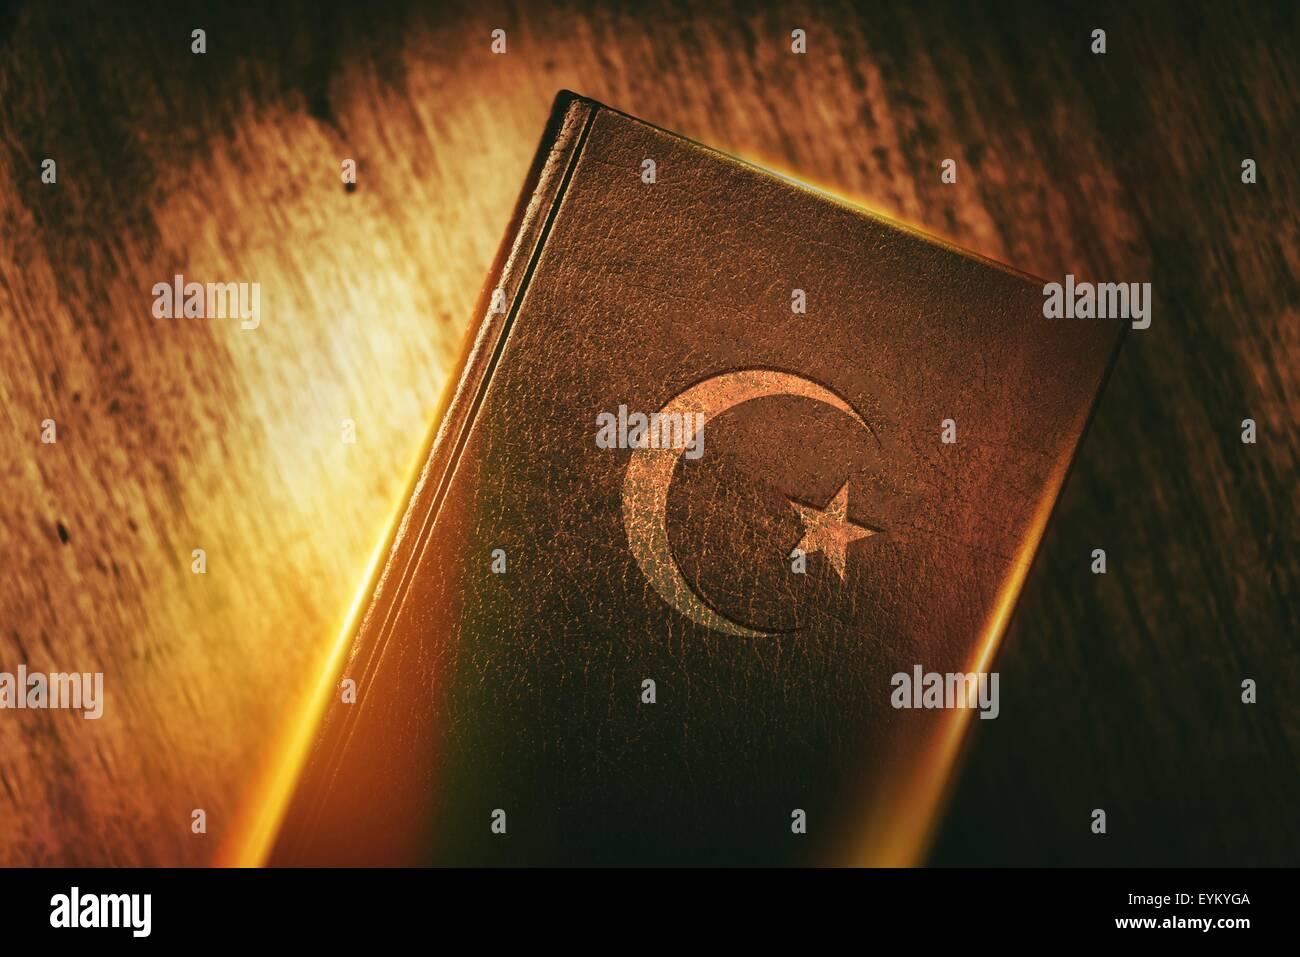 Konzept-Buch mit Stern und Halbmond des Islam. Quran religiösen Text des Islam Konzept Foto. Stockbild